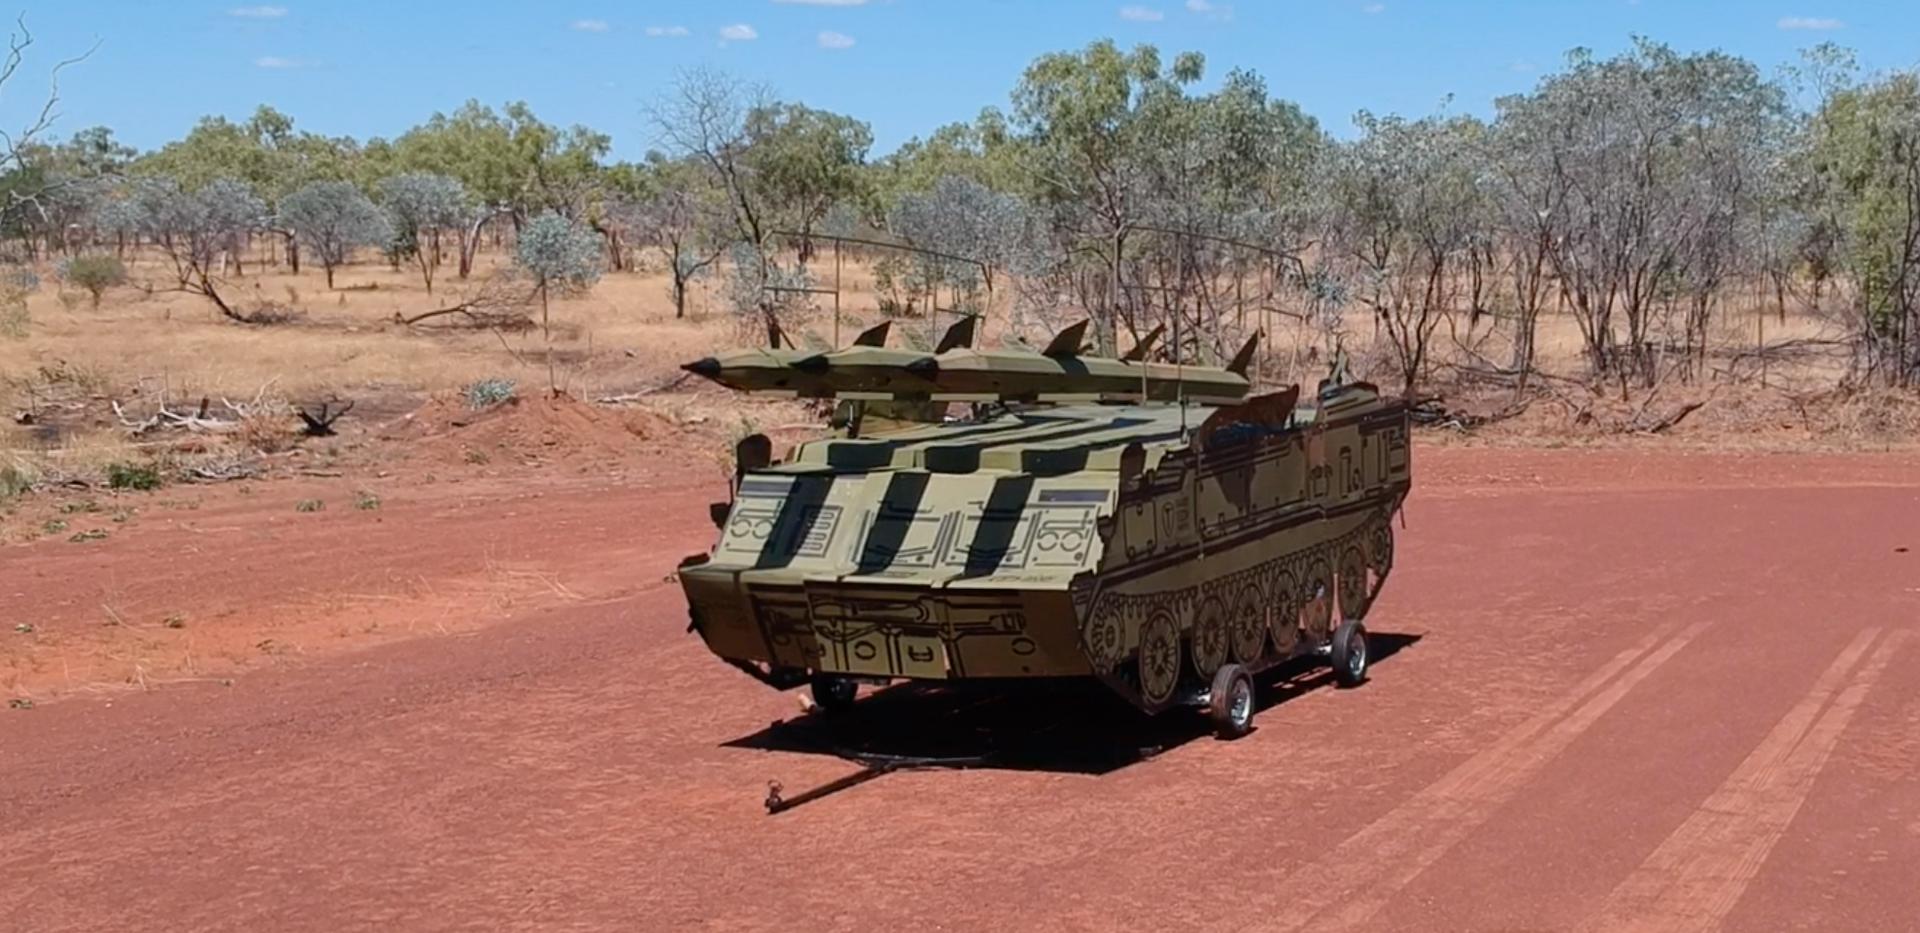 SA-6 mobile target